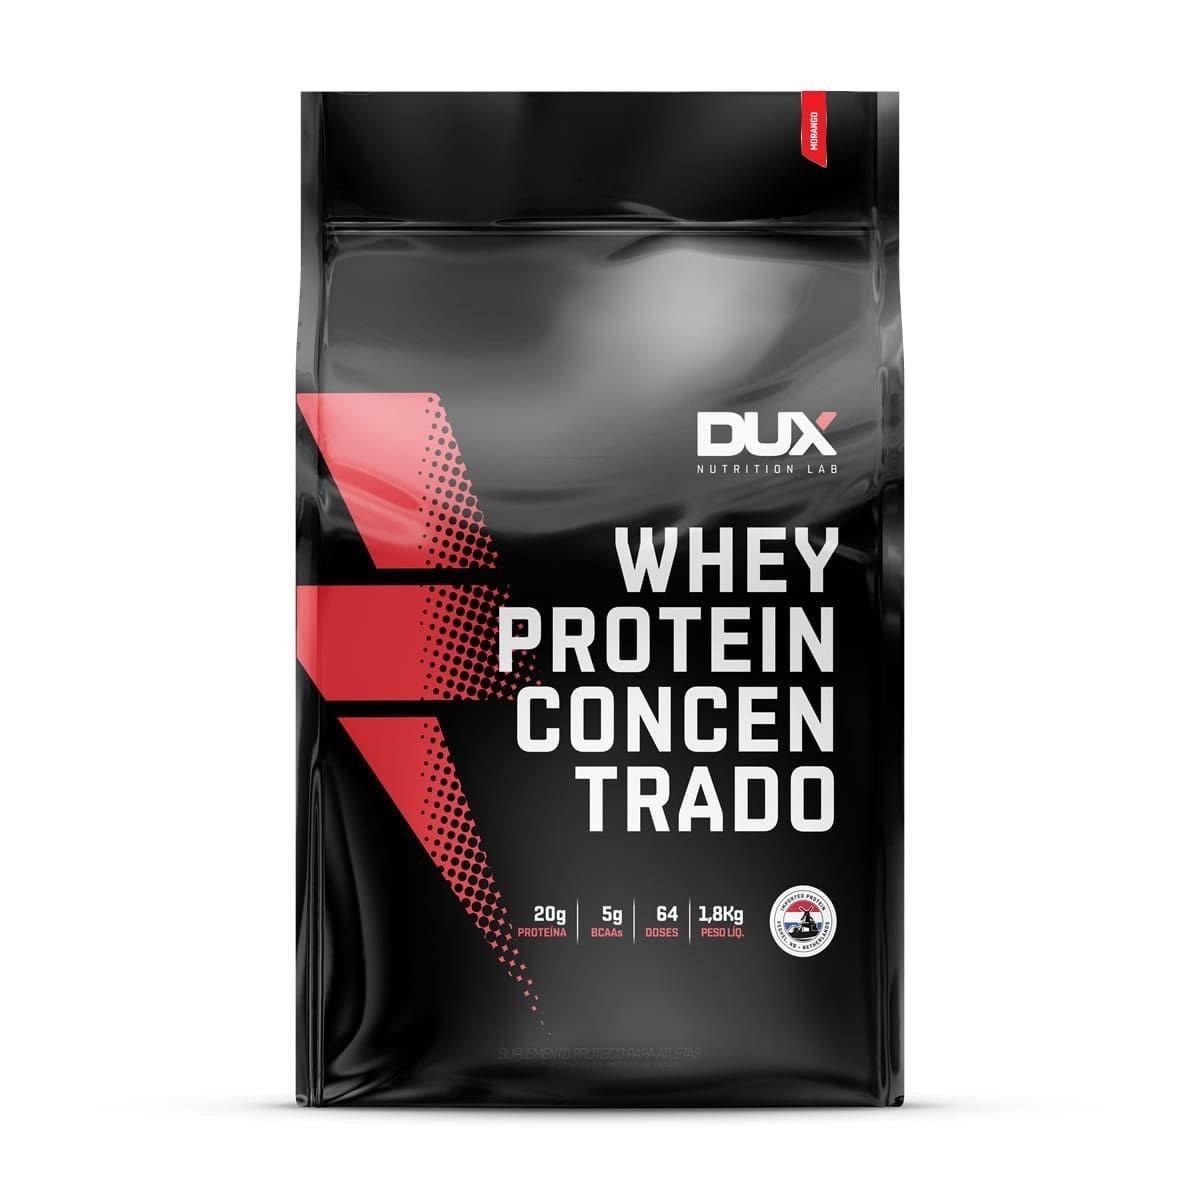 Whey Protein Concentrado (1800g) DUX